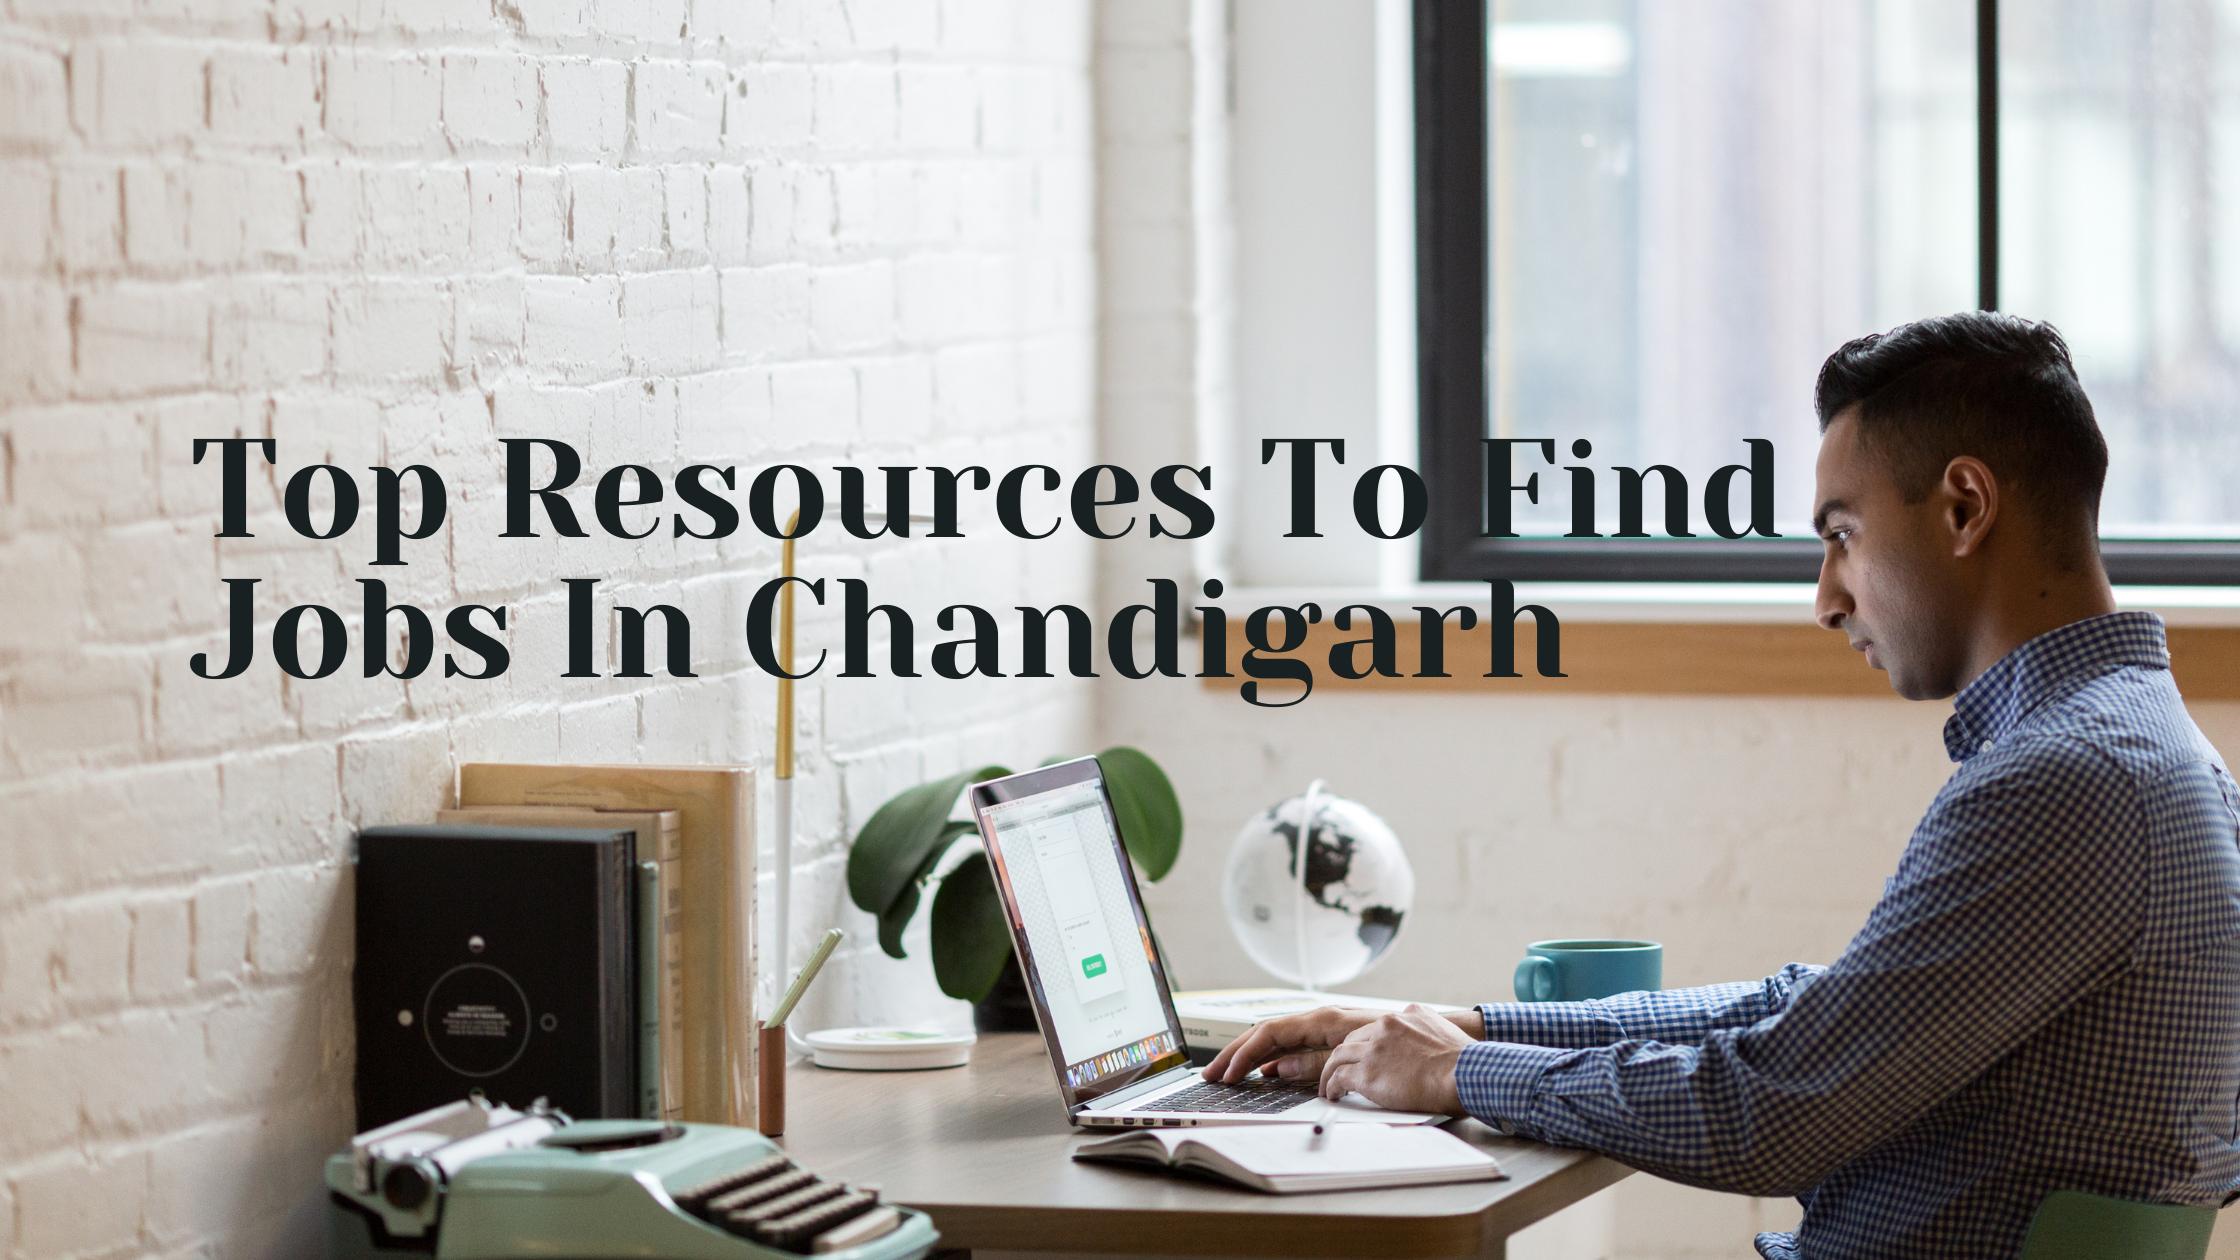 Jobs In Chandigarh